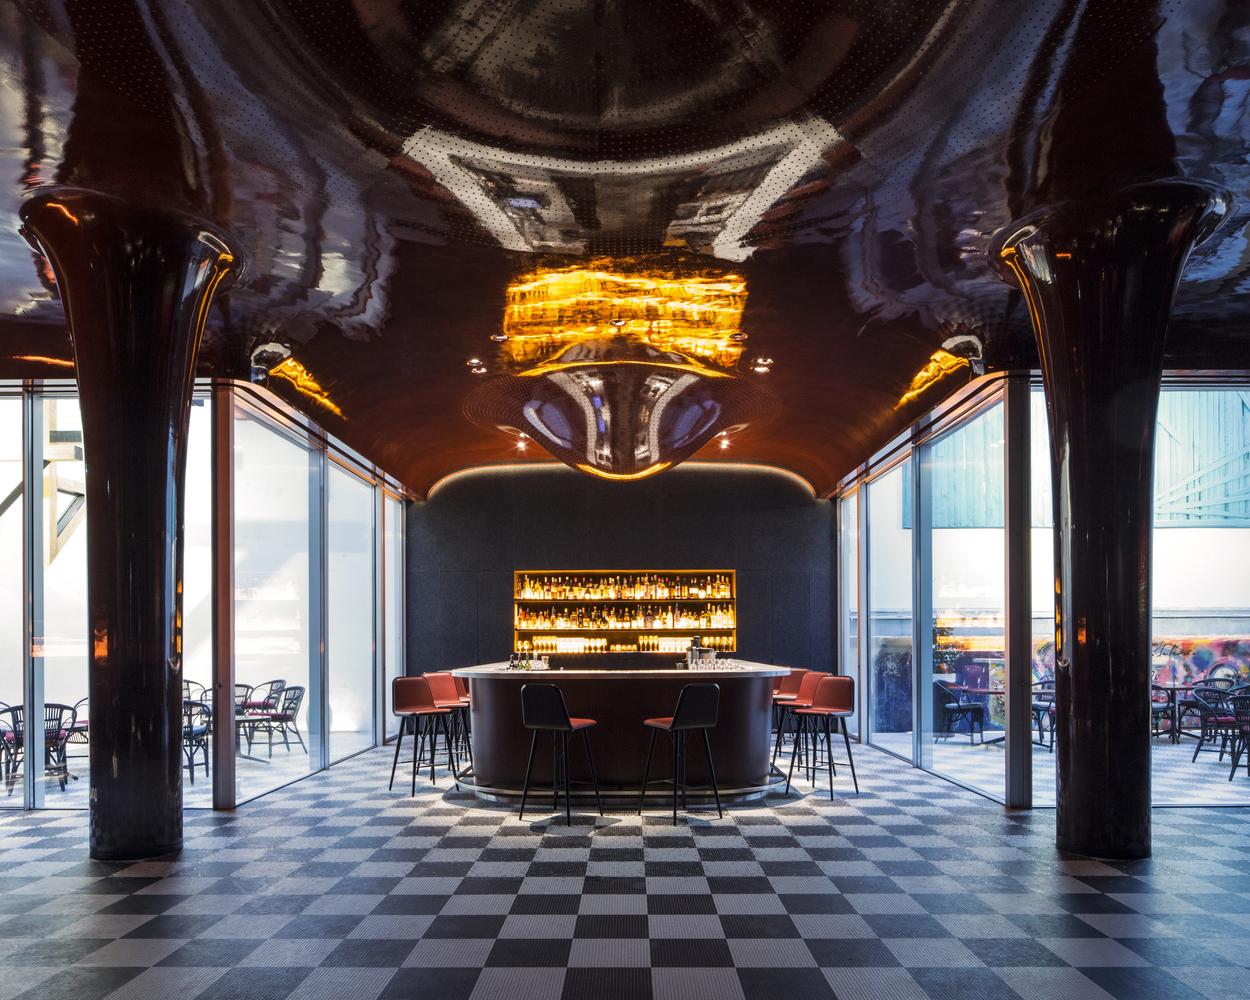 10-melhores-restaurantes-bares-2016-mundo-restaurants-bars-design-award